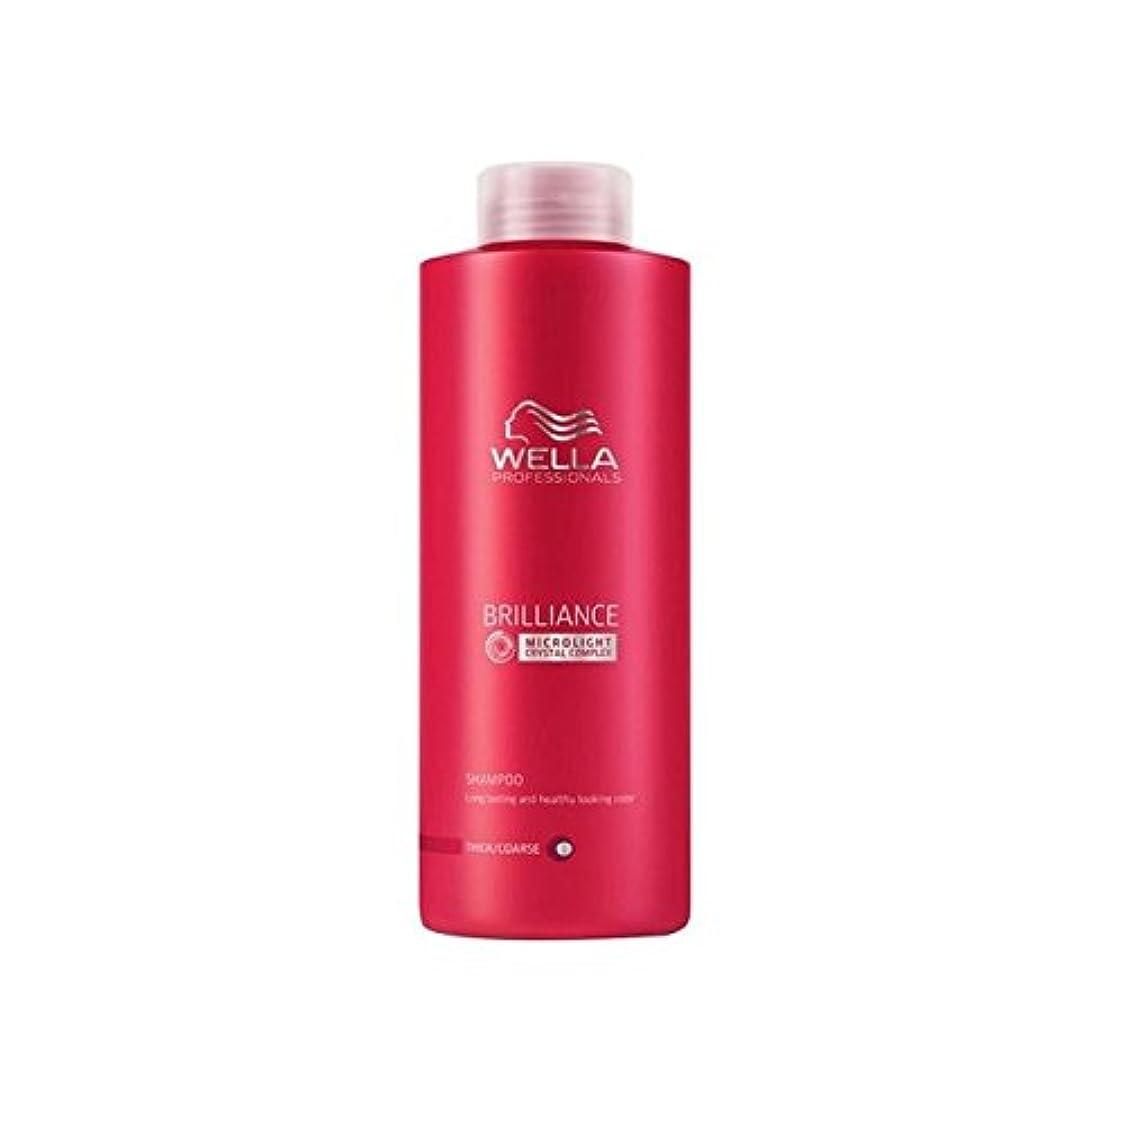 民間ブレース限界Wella Professionals Brilliance Coarse Shampoo (1000ml) (Pack of 6) - ウェラの専門家は粗いシャンプー(千ミリリットル)をブリリアンス x6 [並行輸入品]